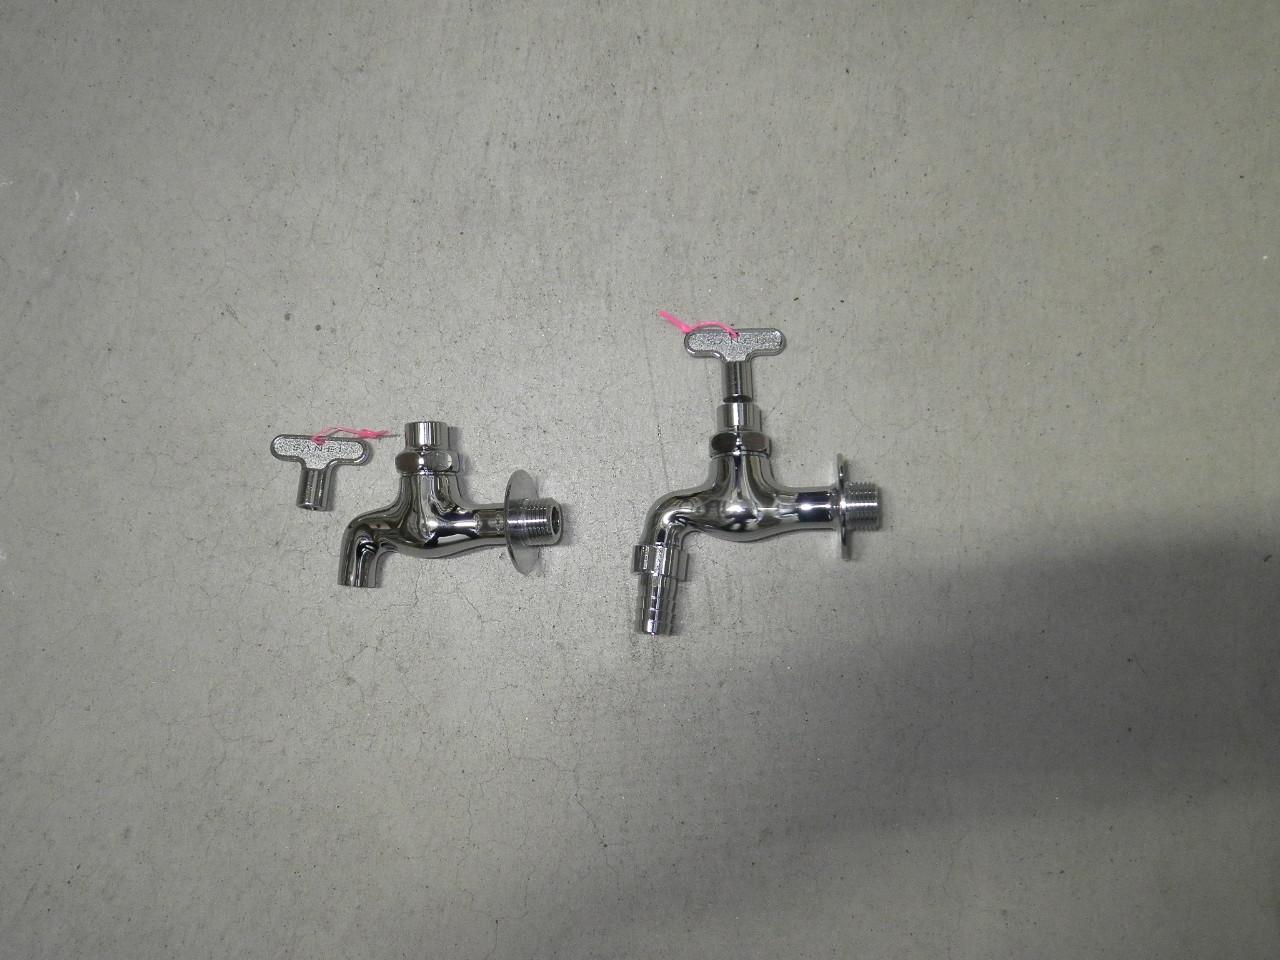 共用横水栓 共用カップリング水栓